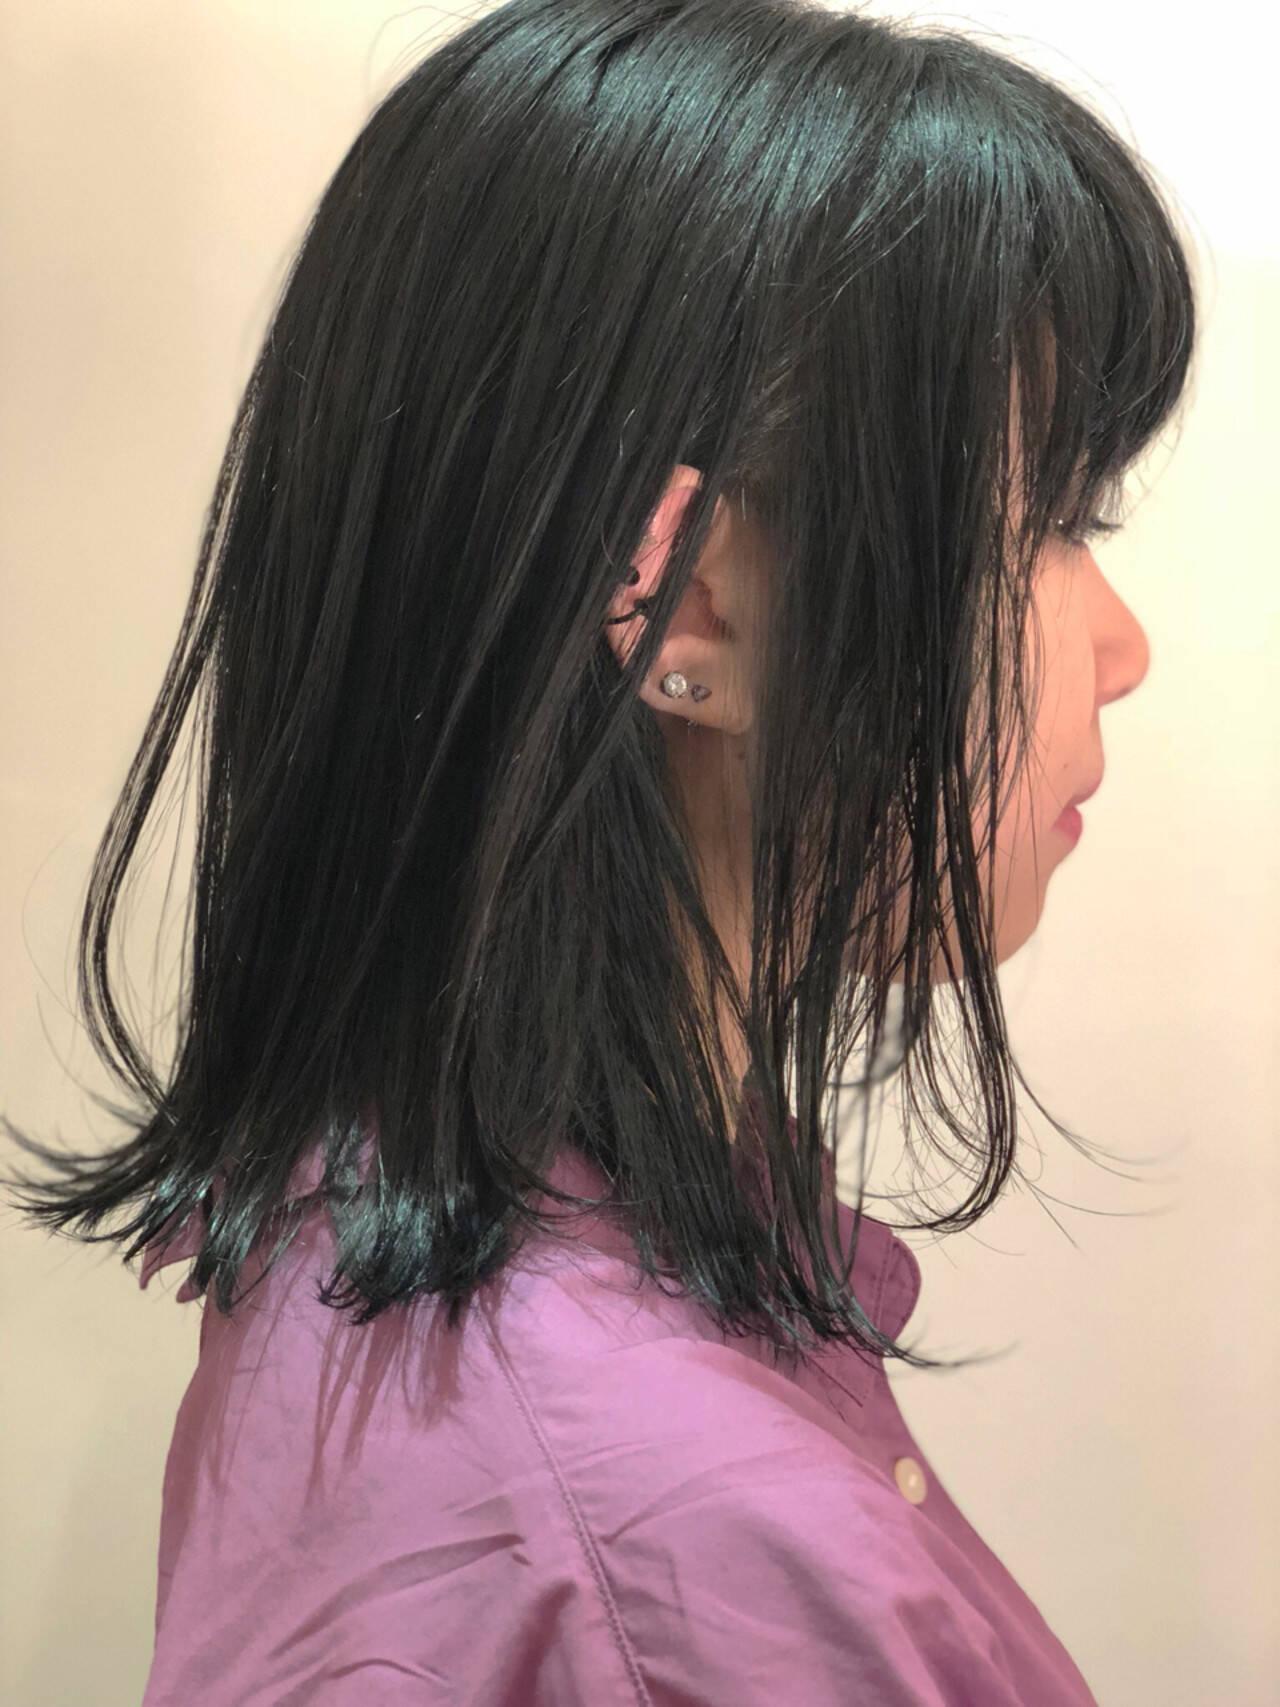 透明感 ボブ スポーツ ウェットヘアヘアスタイルや髪型の写真・画像